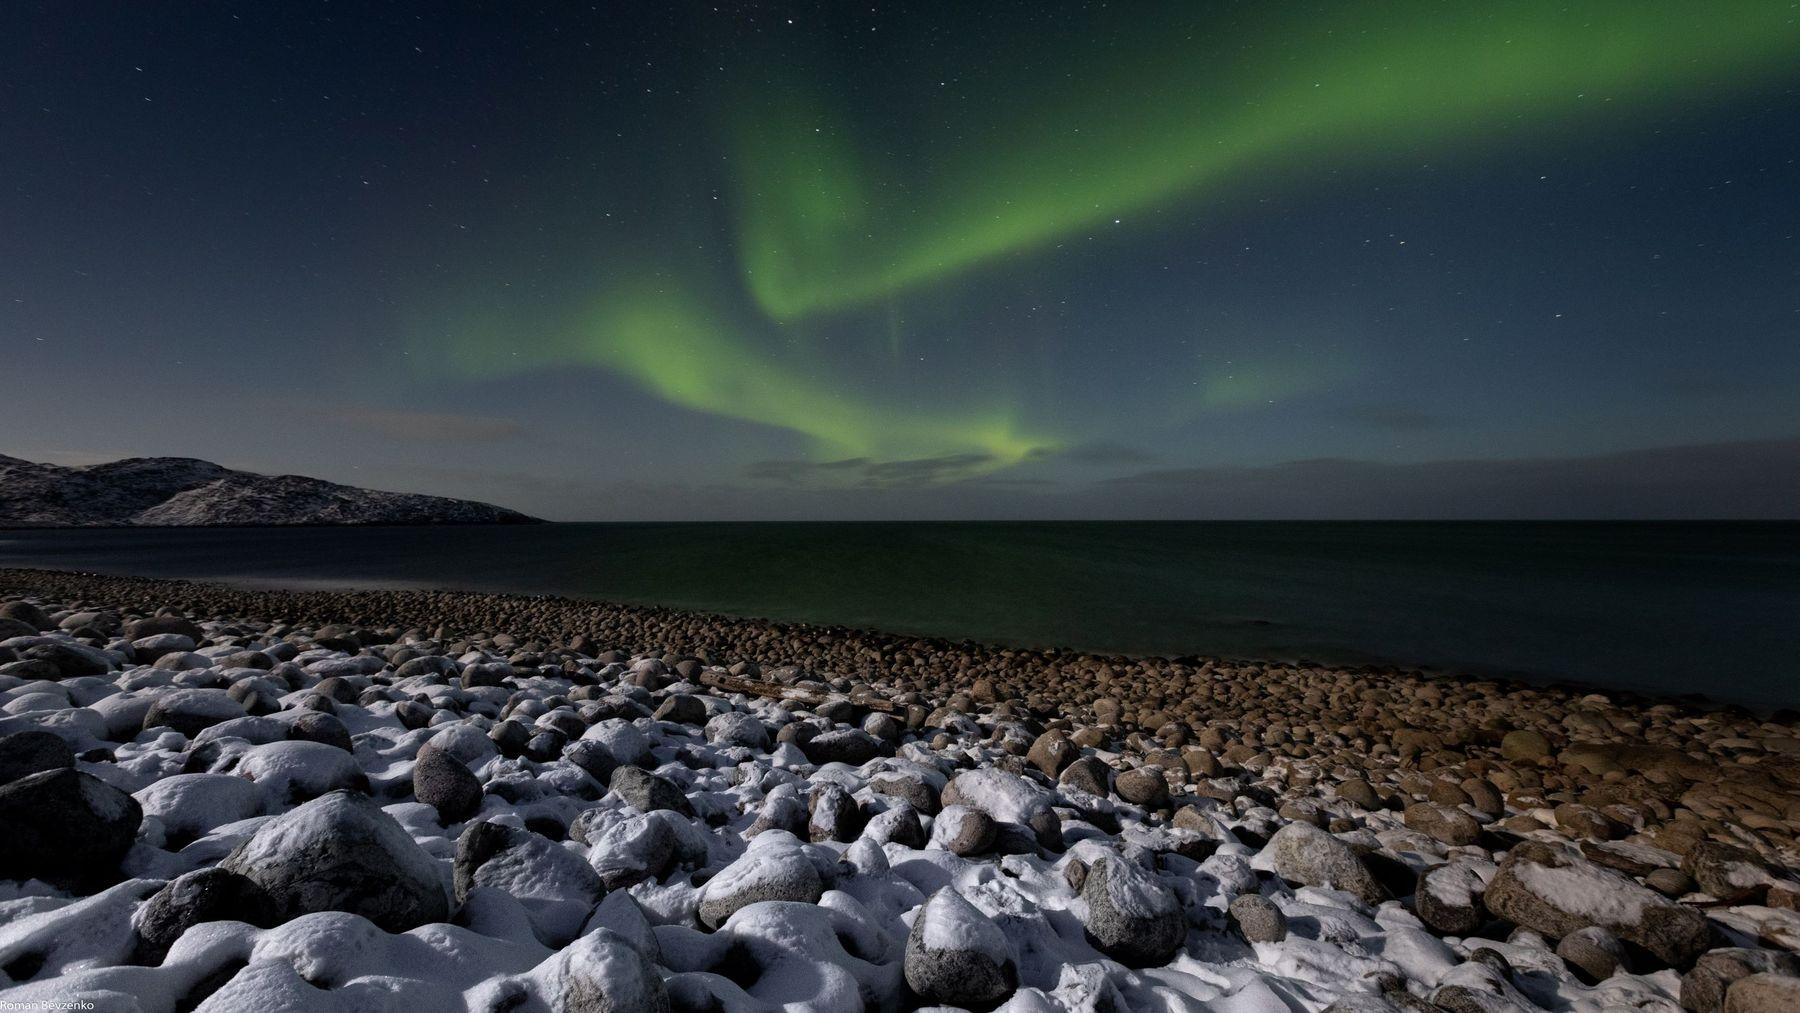 Северное сияние над каменным пляжем териберка ледовитый океан баренцево море север русский пляж скалы длинная выдержка